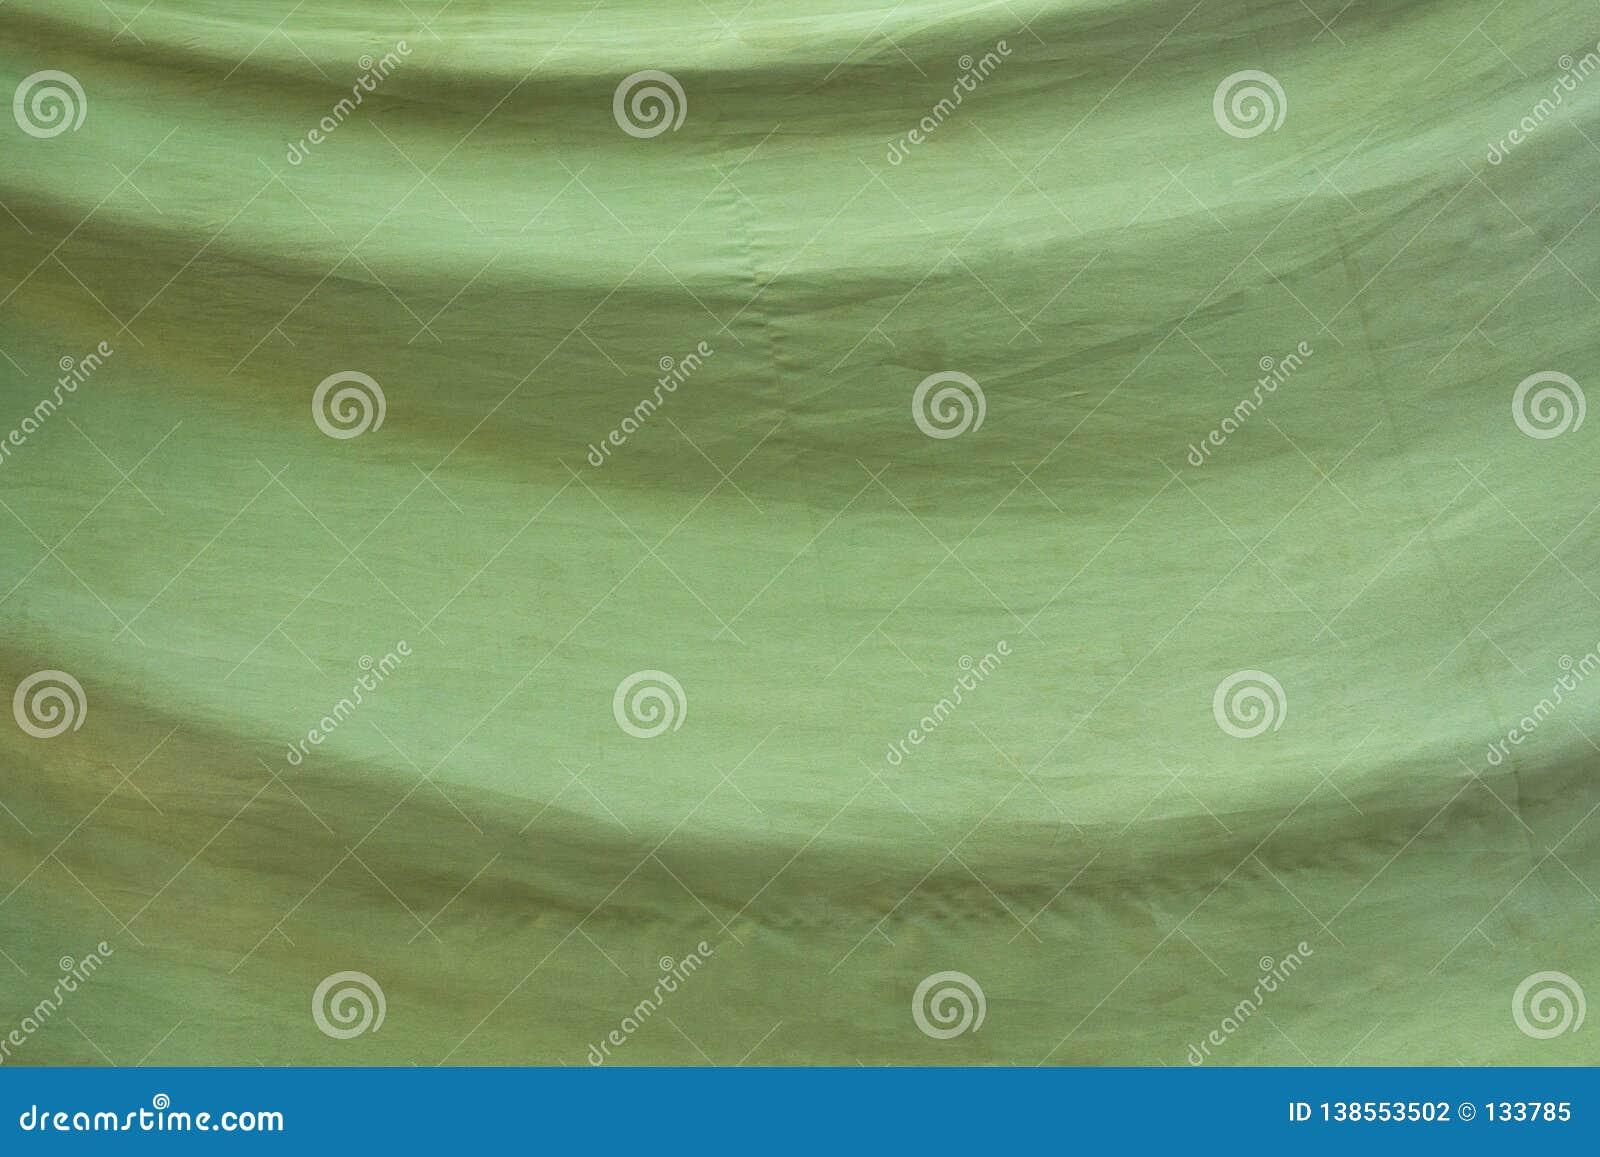 Παλαιό εξασθενισμένο πράσινο ύφασμα με τις πτυχές Σύσταση τραχιάς επιφάνειας